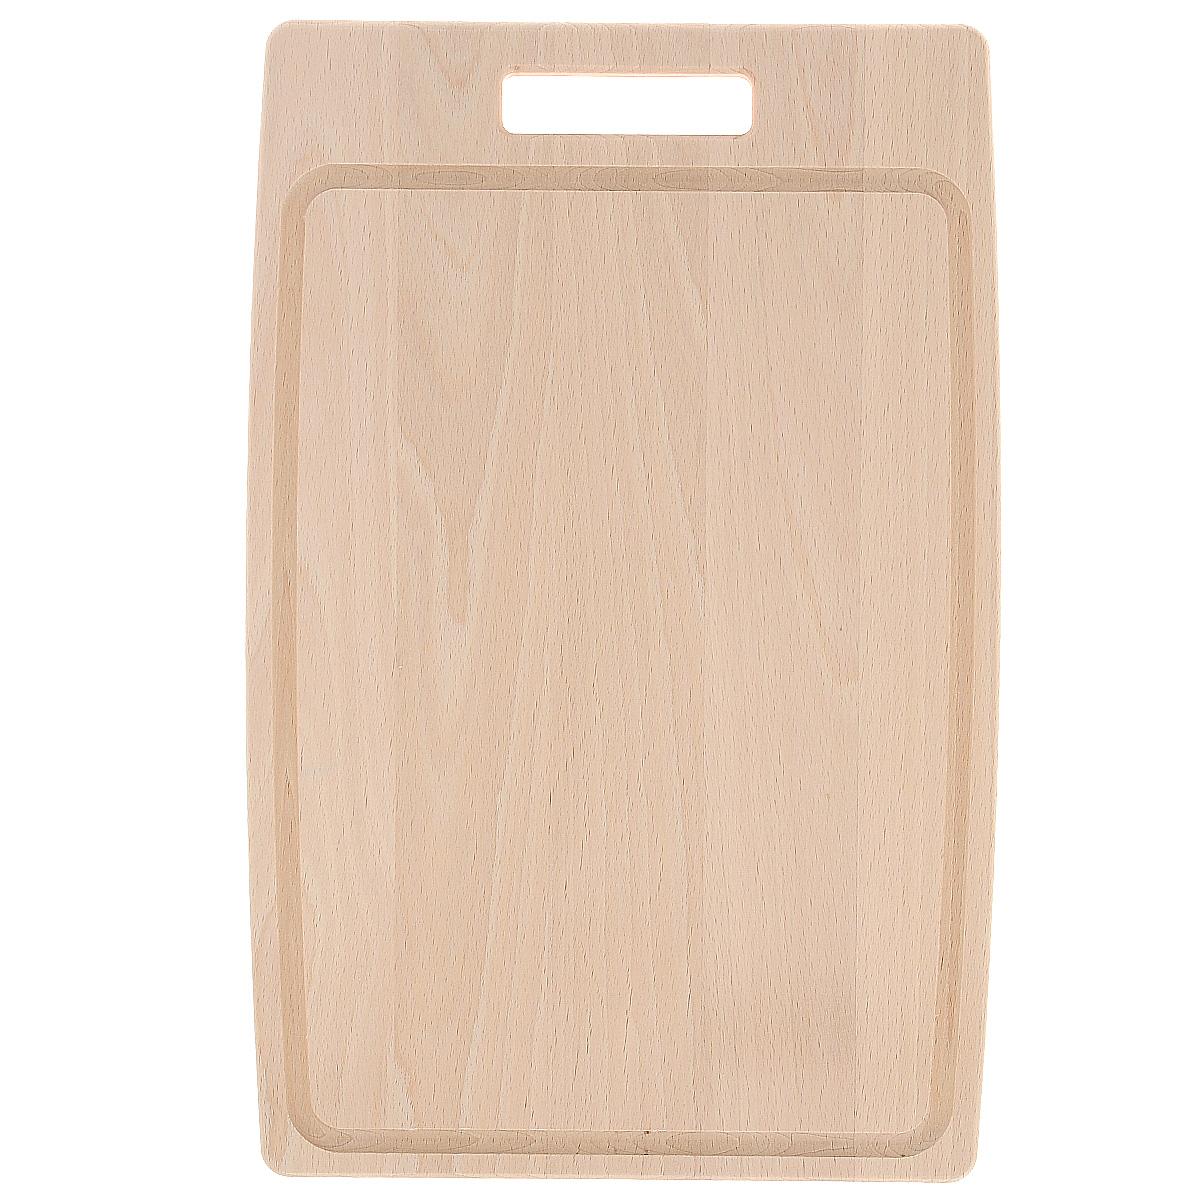 Доска разделочная Tescoma Home Profi, 30 х 20 см379512Прямоугольная разделочная доска Tescoma Home Profi изготовлена из высококачественной древесины бука. Бук - это особо прочный материал, который прослужит вам долгие годы. Доска оснащена удобной ручкой. Функциональная и простая в использовании, разделочная доска Tescoma Home Profi прекрасно впишется в интерьер любой кухни. Не мыть в посудомоечной машине.